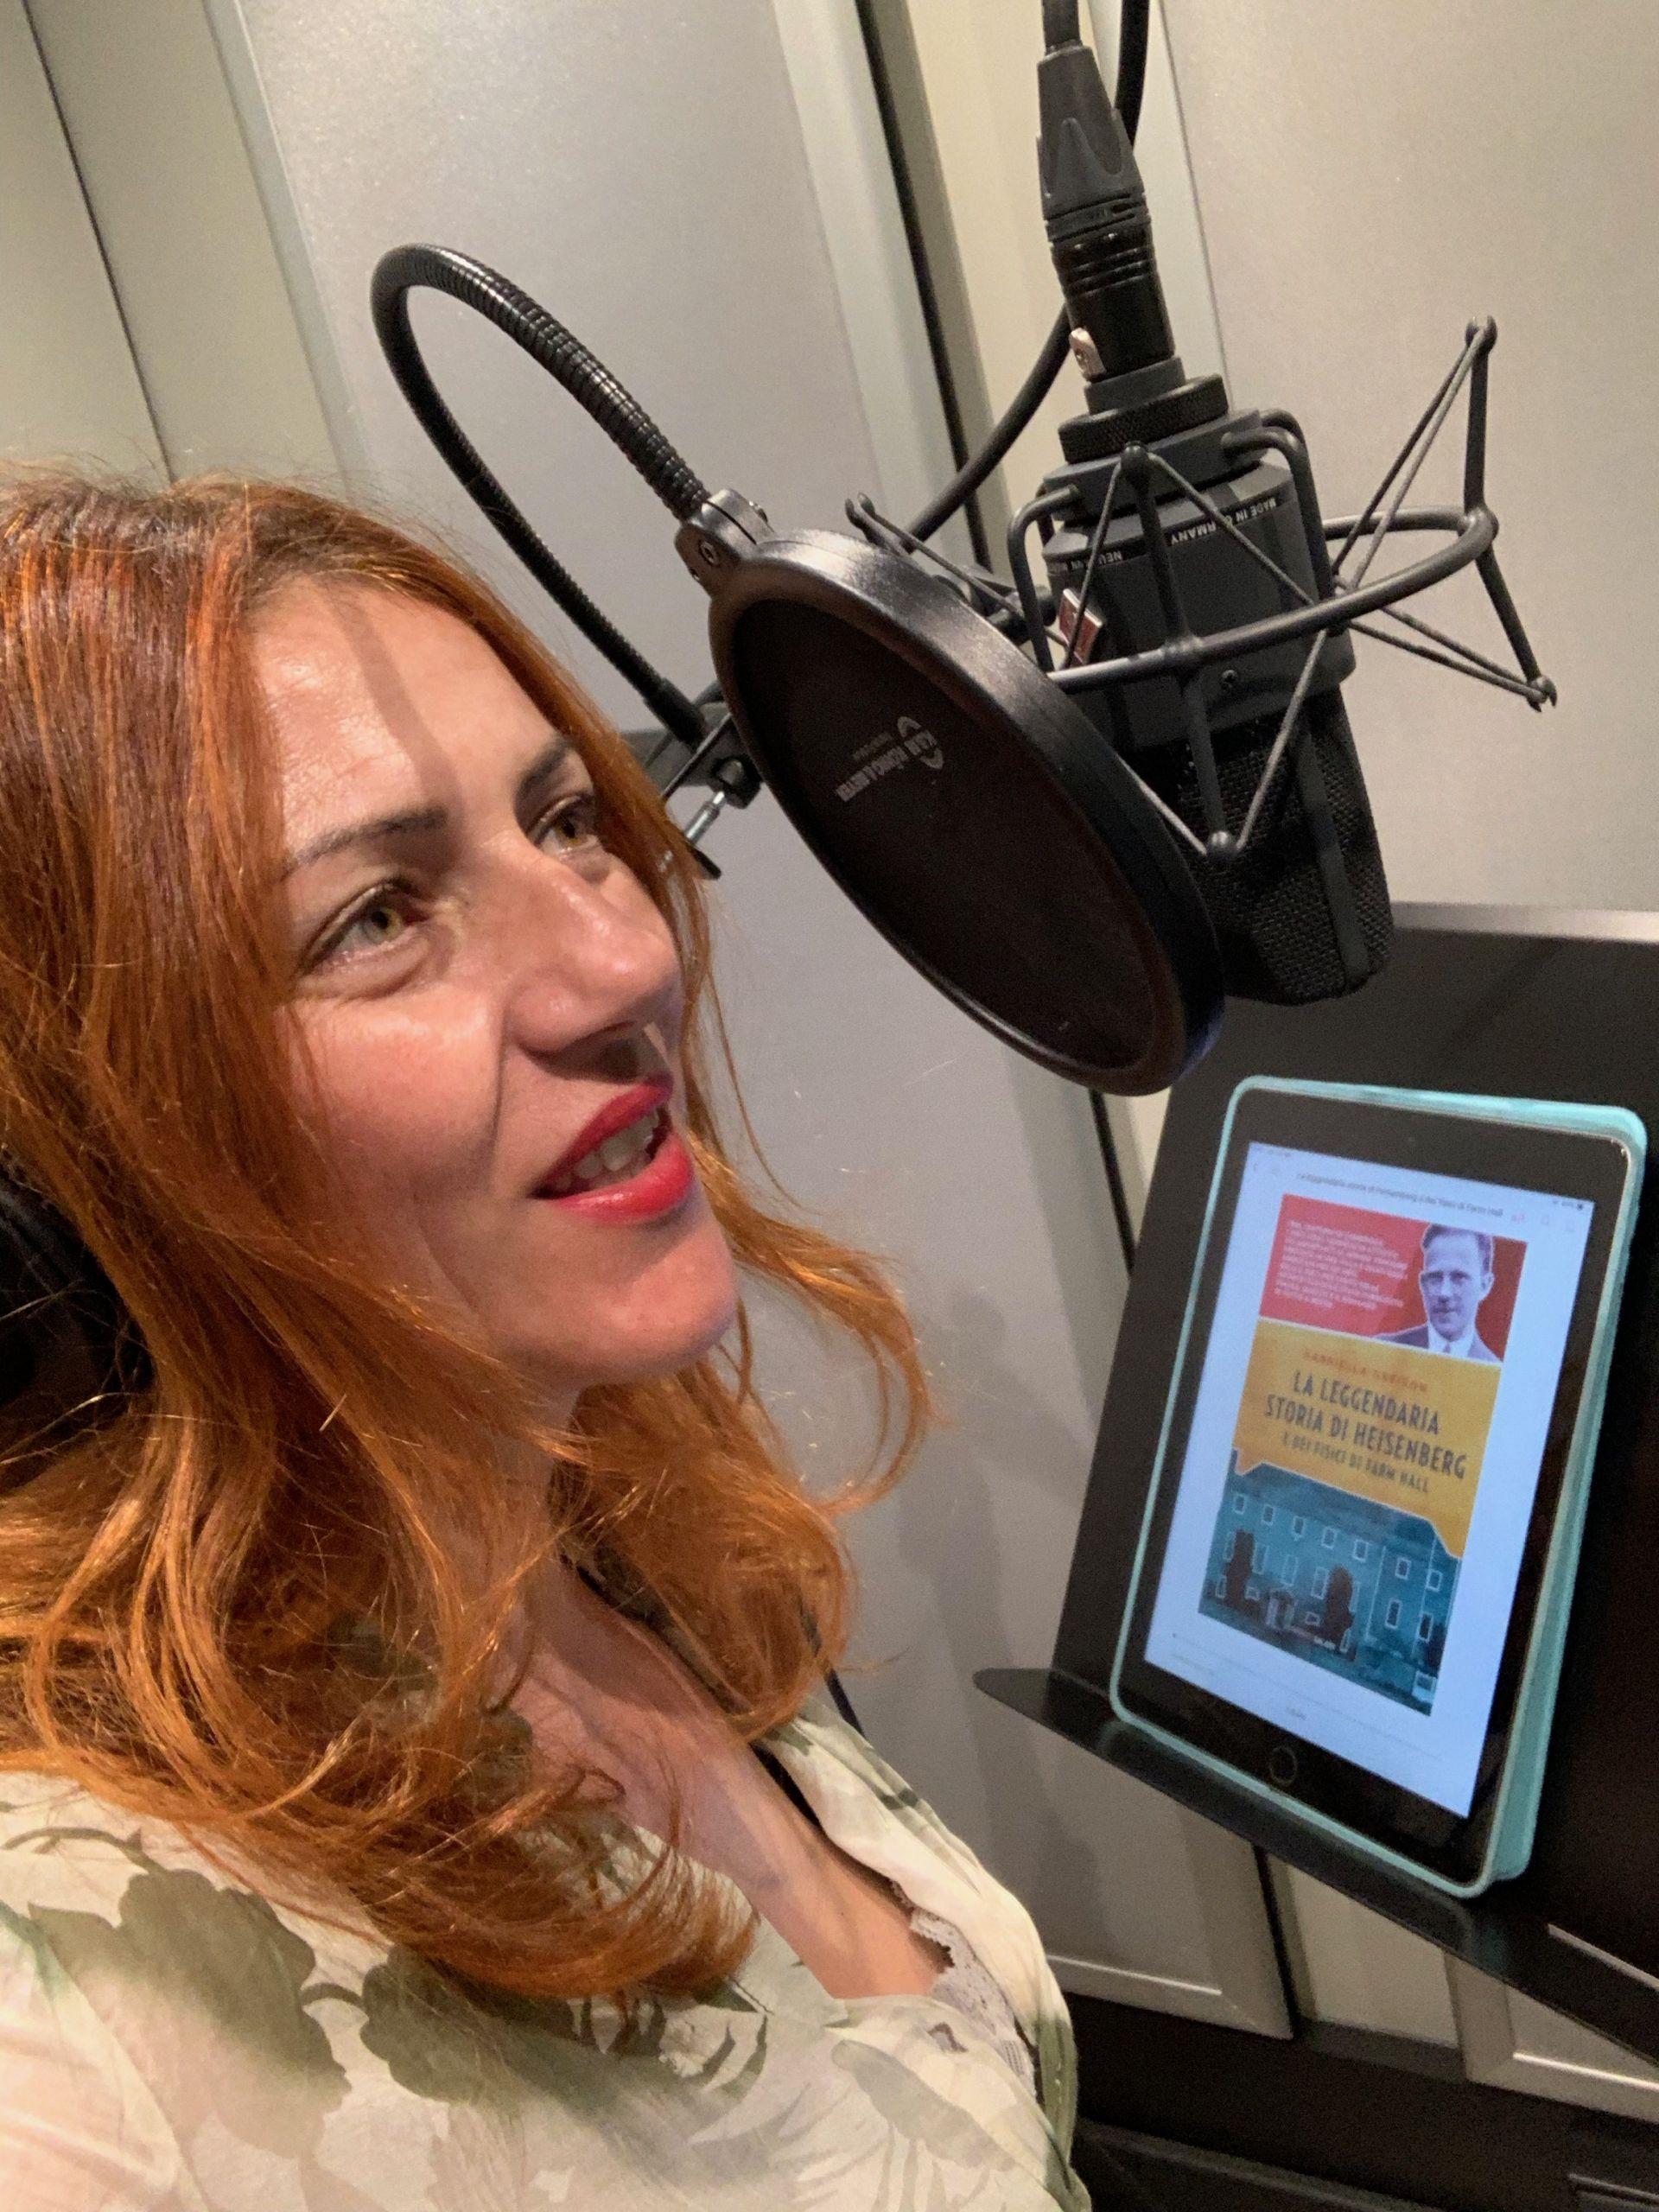 """Da oggi la versione audiobook di """"La leggendaria storia di Heisenberg e dei fisici di Farm Hall""""!"""